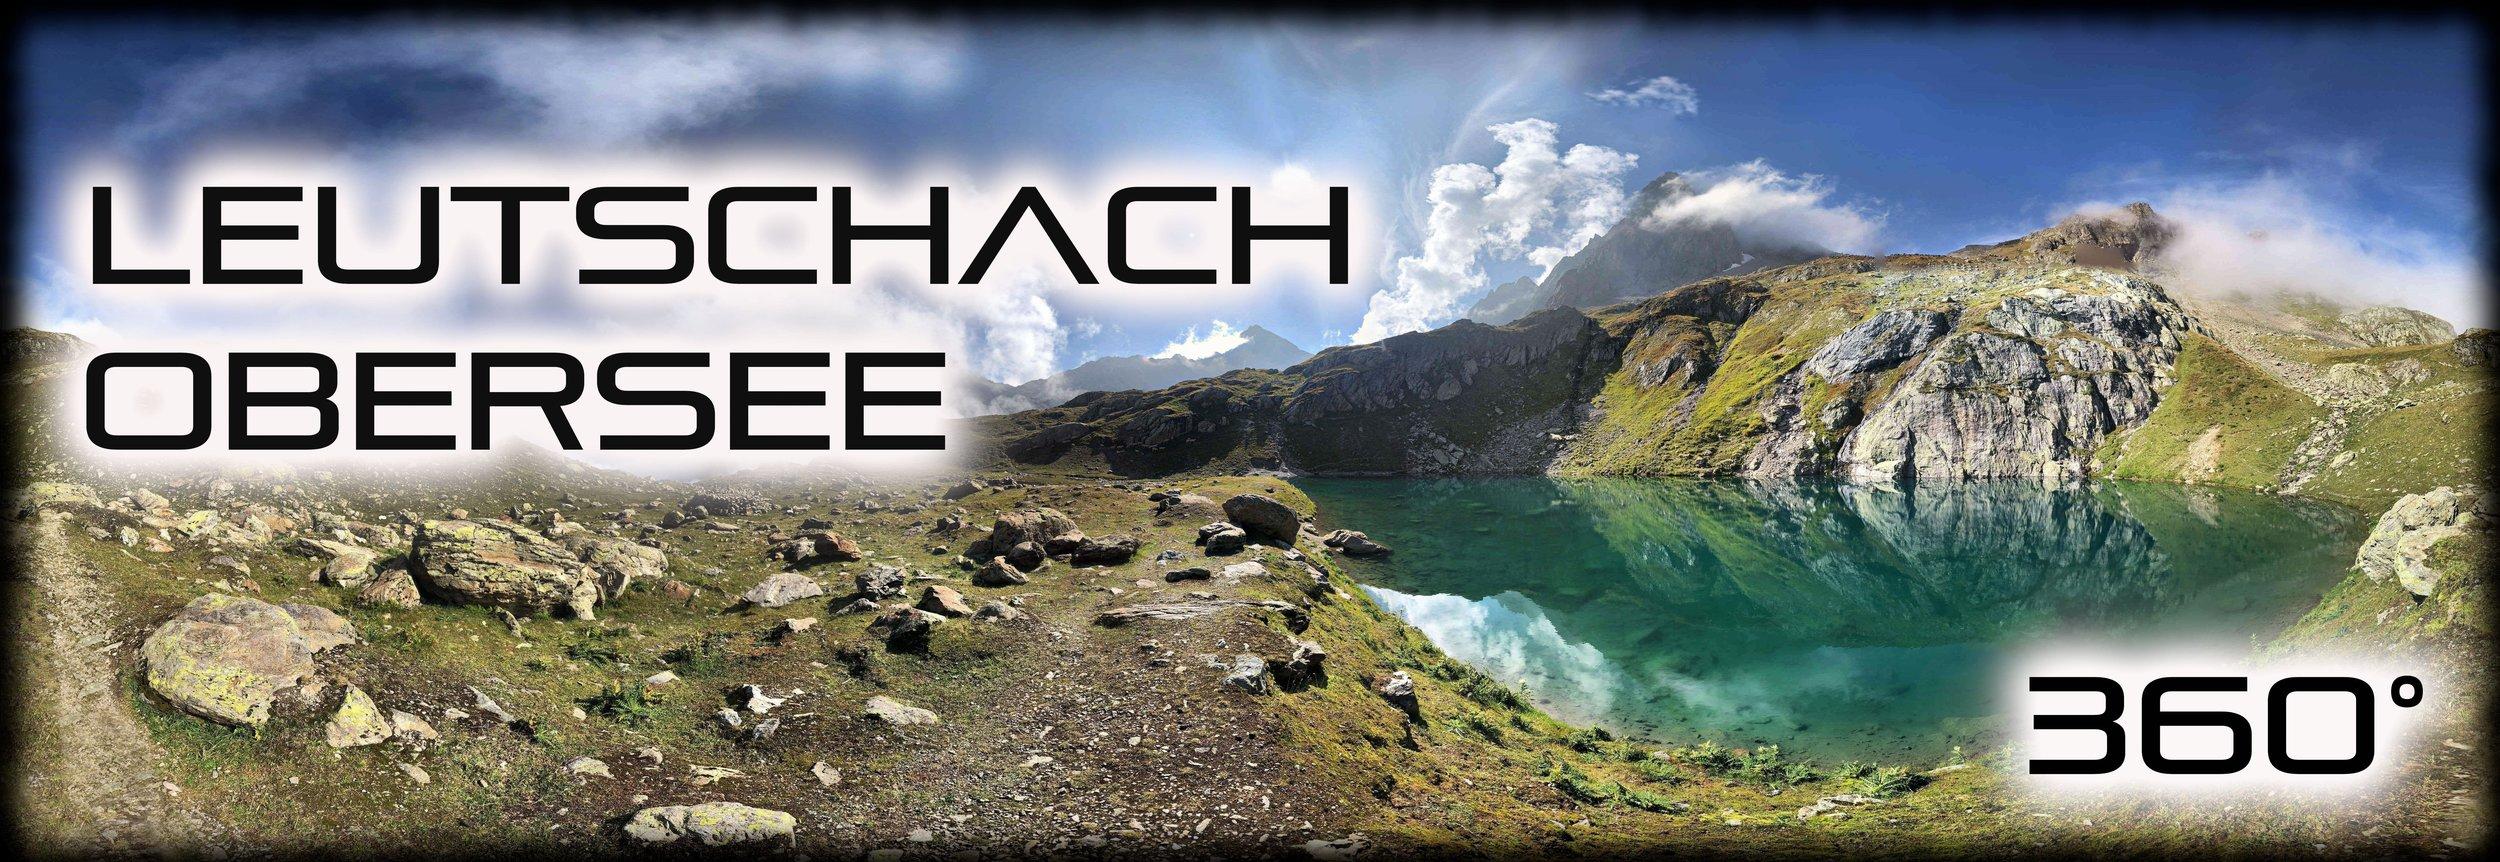 Leutschach Obersee - September 2018